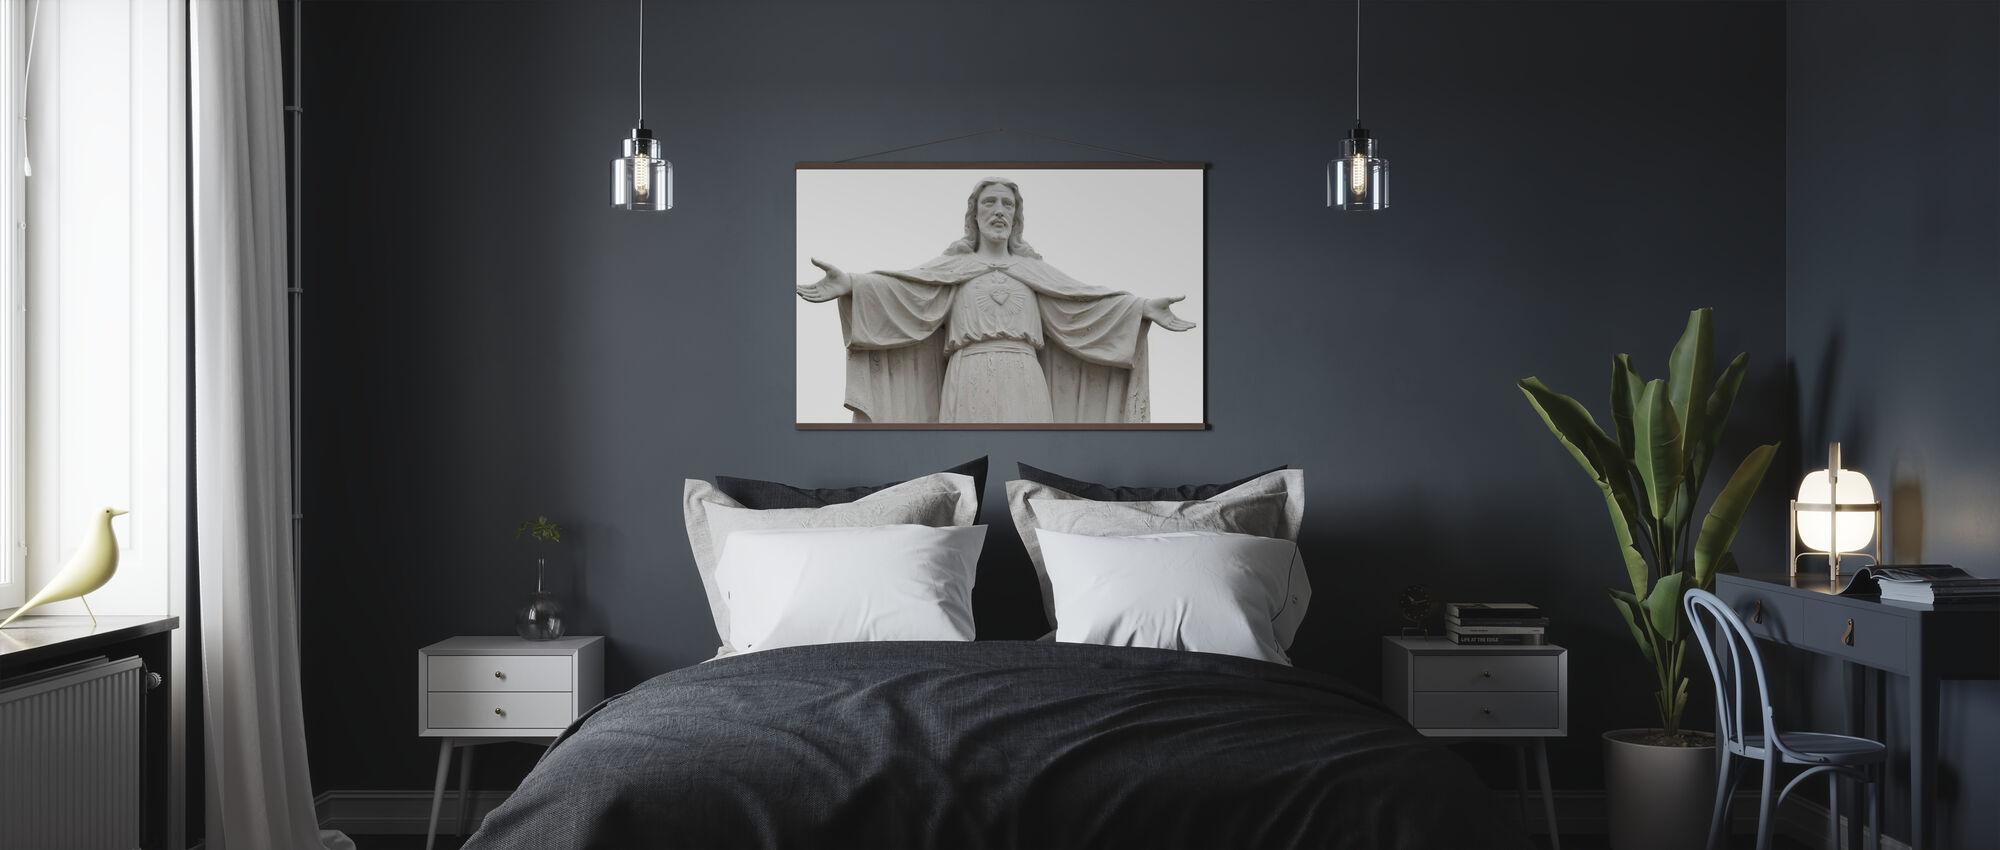 Statua di Gesù - Poster - Camera da letto